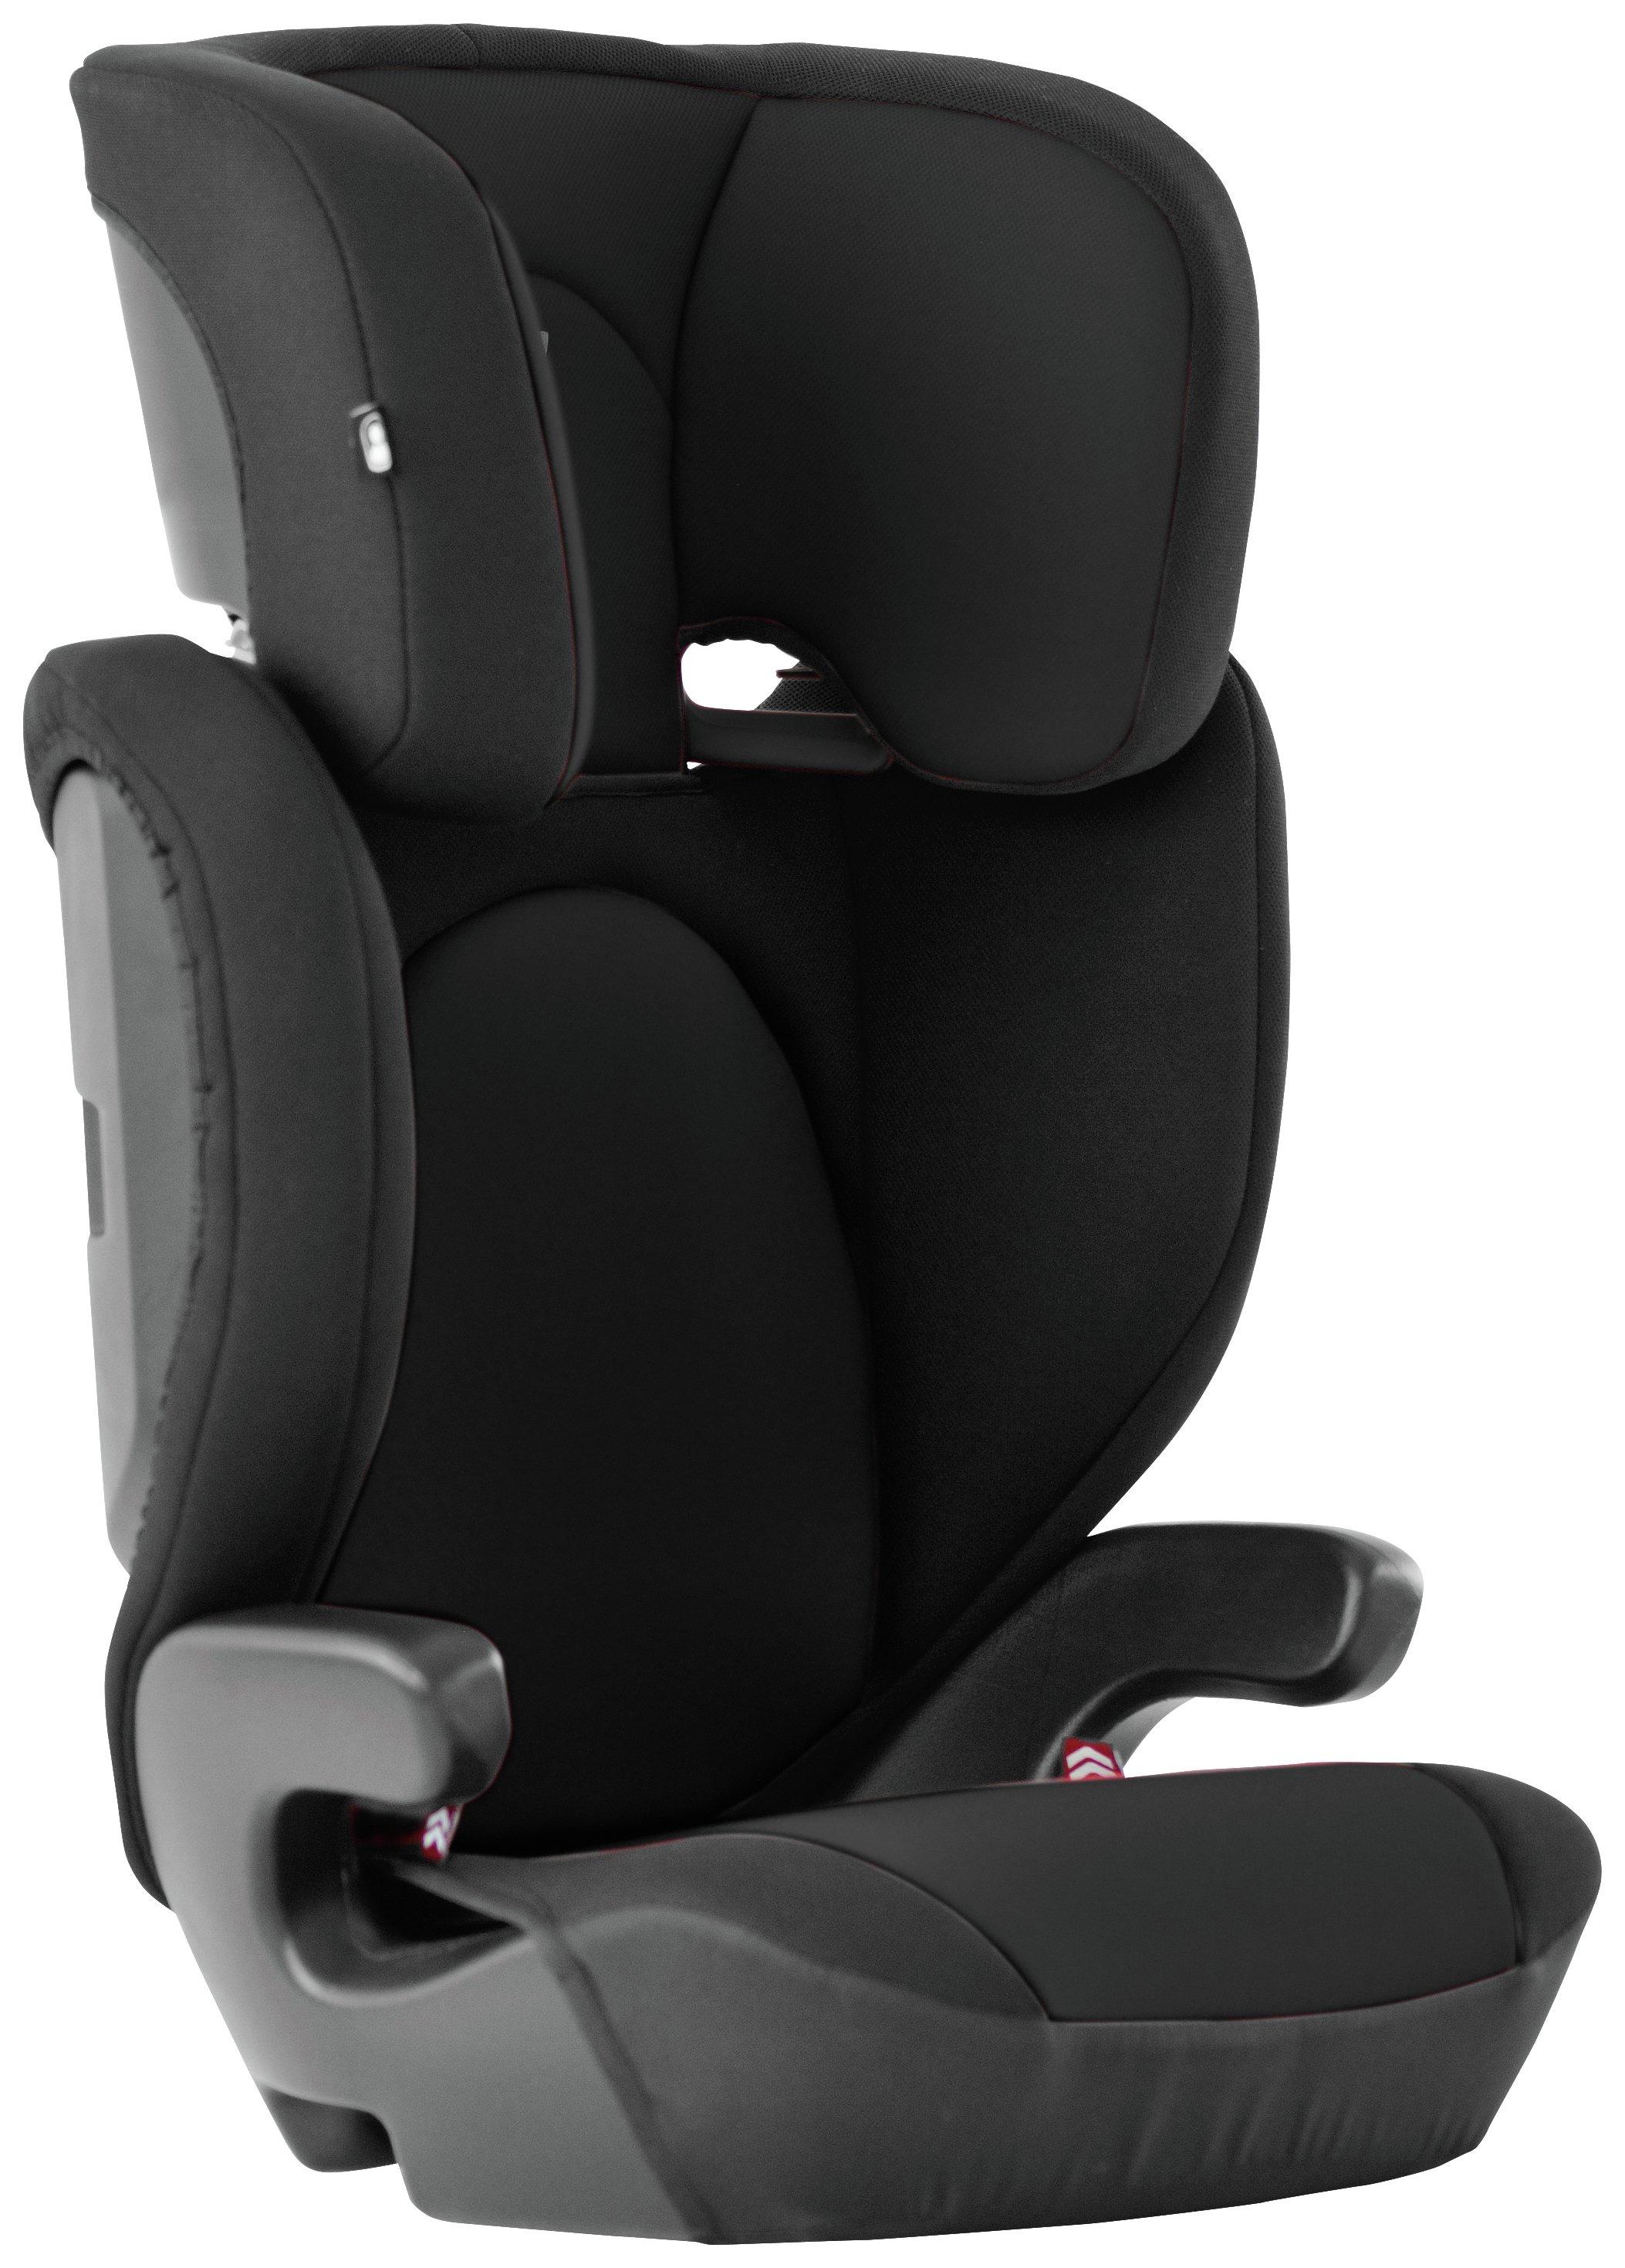 Joie Trillo Ecco Group 2/3 Car Seat - Black